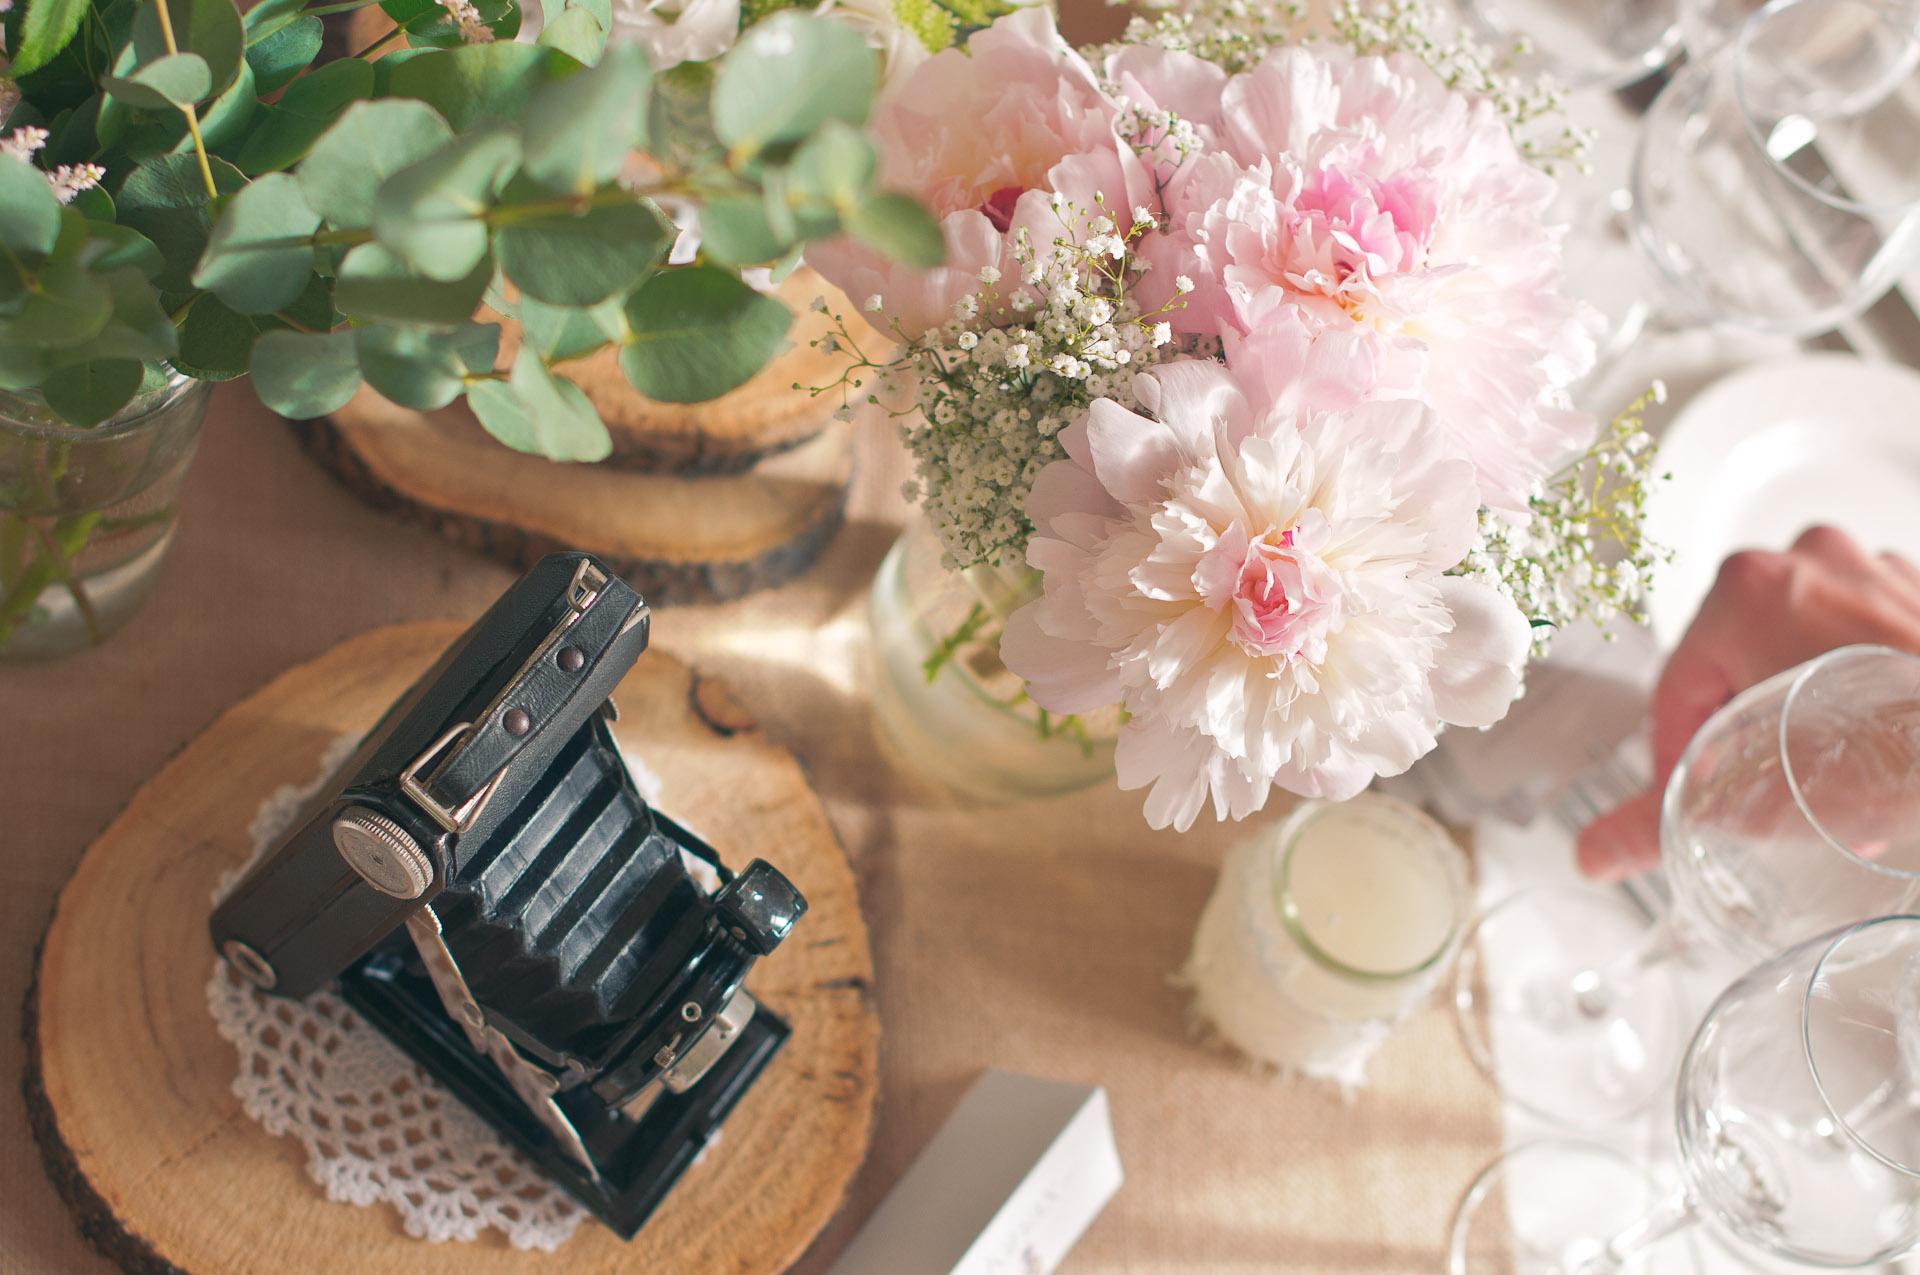 Mariage romantique - Mariage rose poudré - Mariage à Paris - Mariage Château Santeny - Mariage chic - Les crâneuses - Wedding planner - Wedding designer